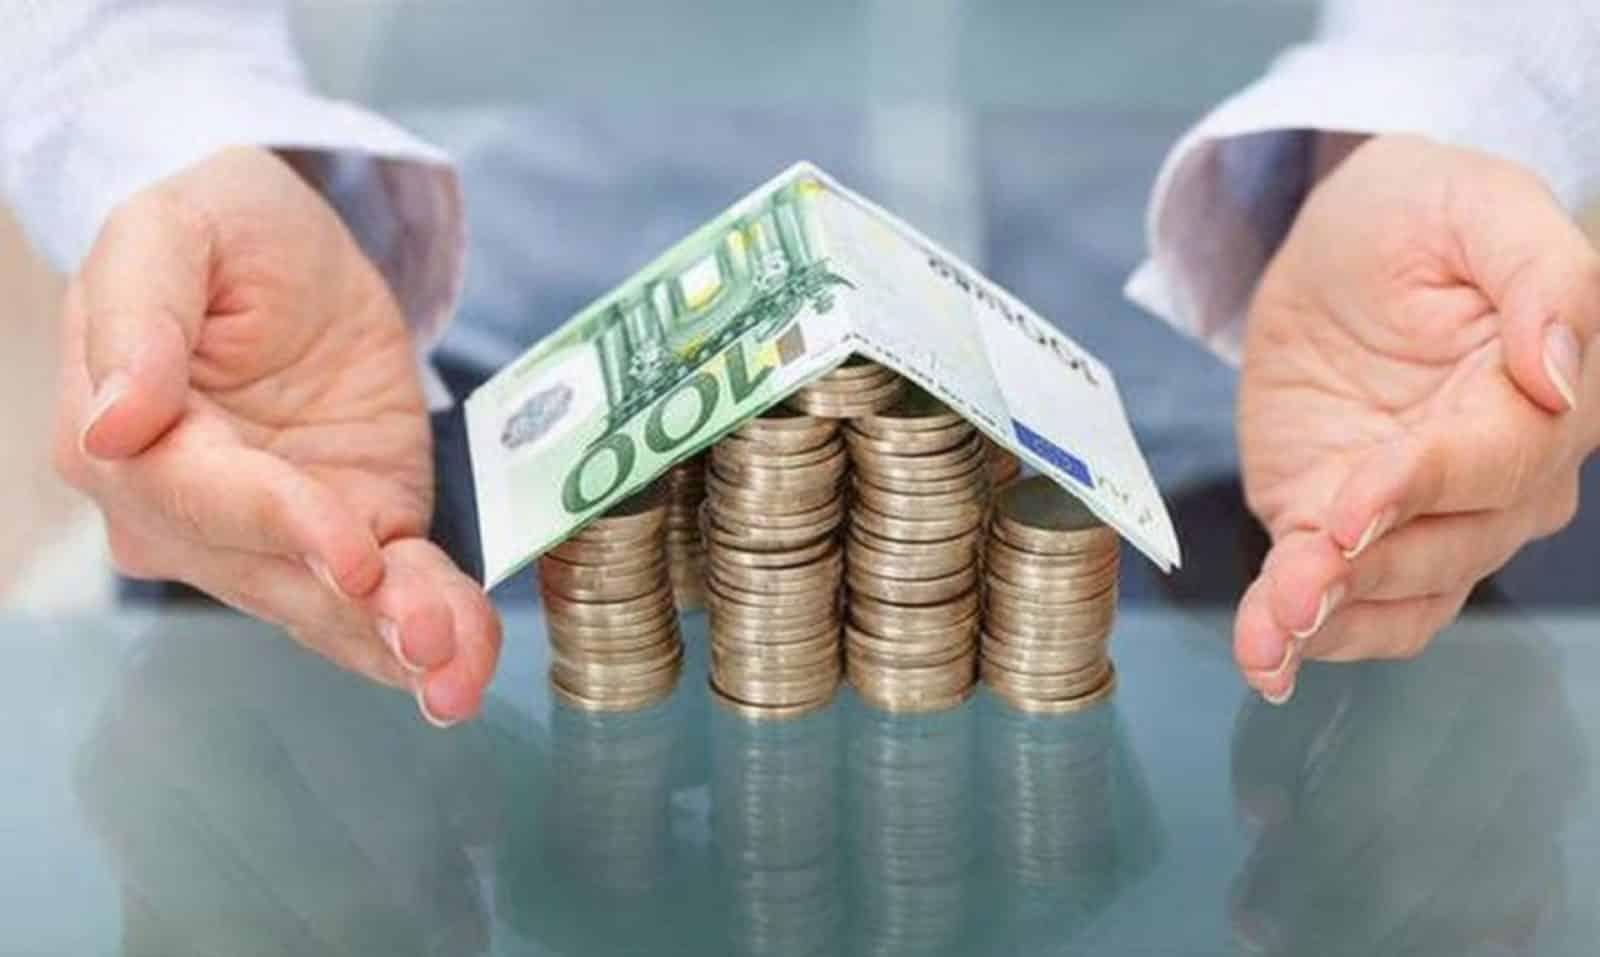 Επίδομα στεγαστικού δανείου 2019 Επίδομα ενοικίου 2019 - επίδομα στέγασης: Η αίτηση στην πλατφόρμα